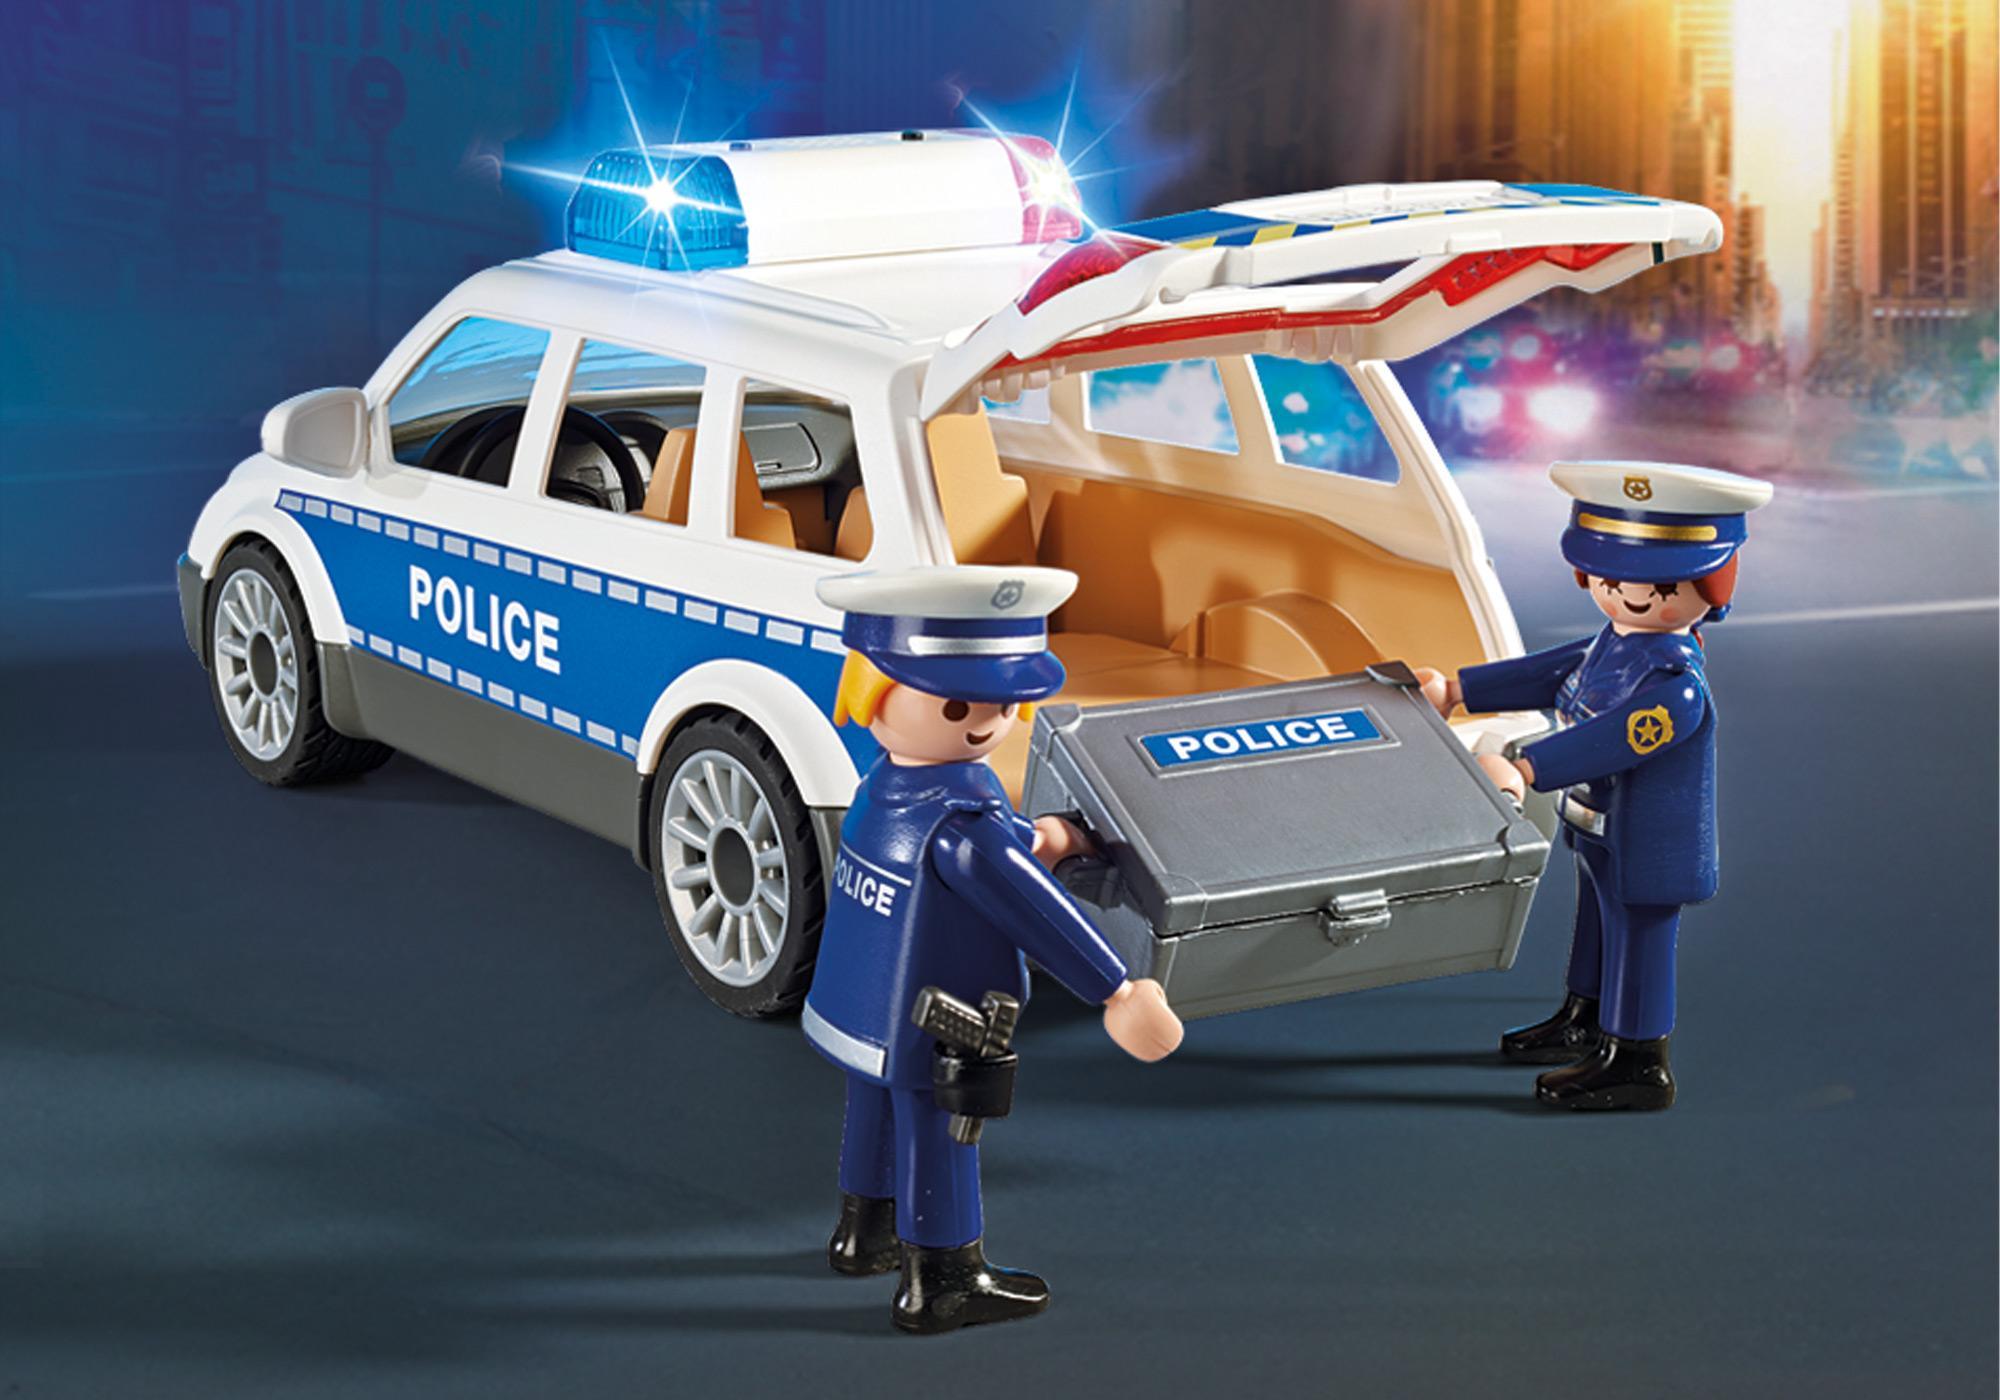 http://media.playmobil.com/i/playmobil/6920_product_extra2/Politiepatrouille met licht en geluid